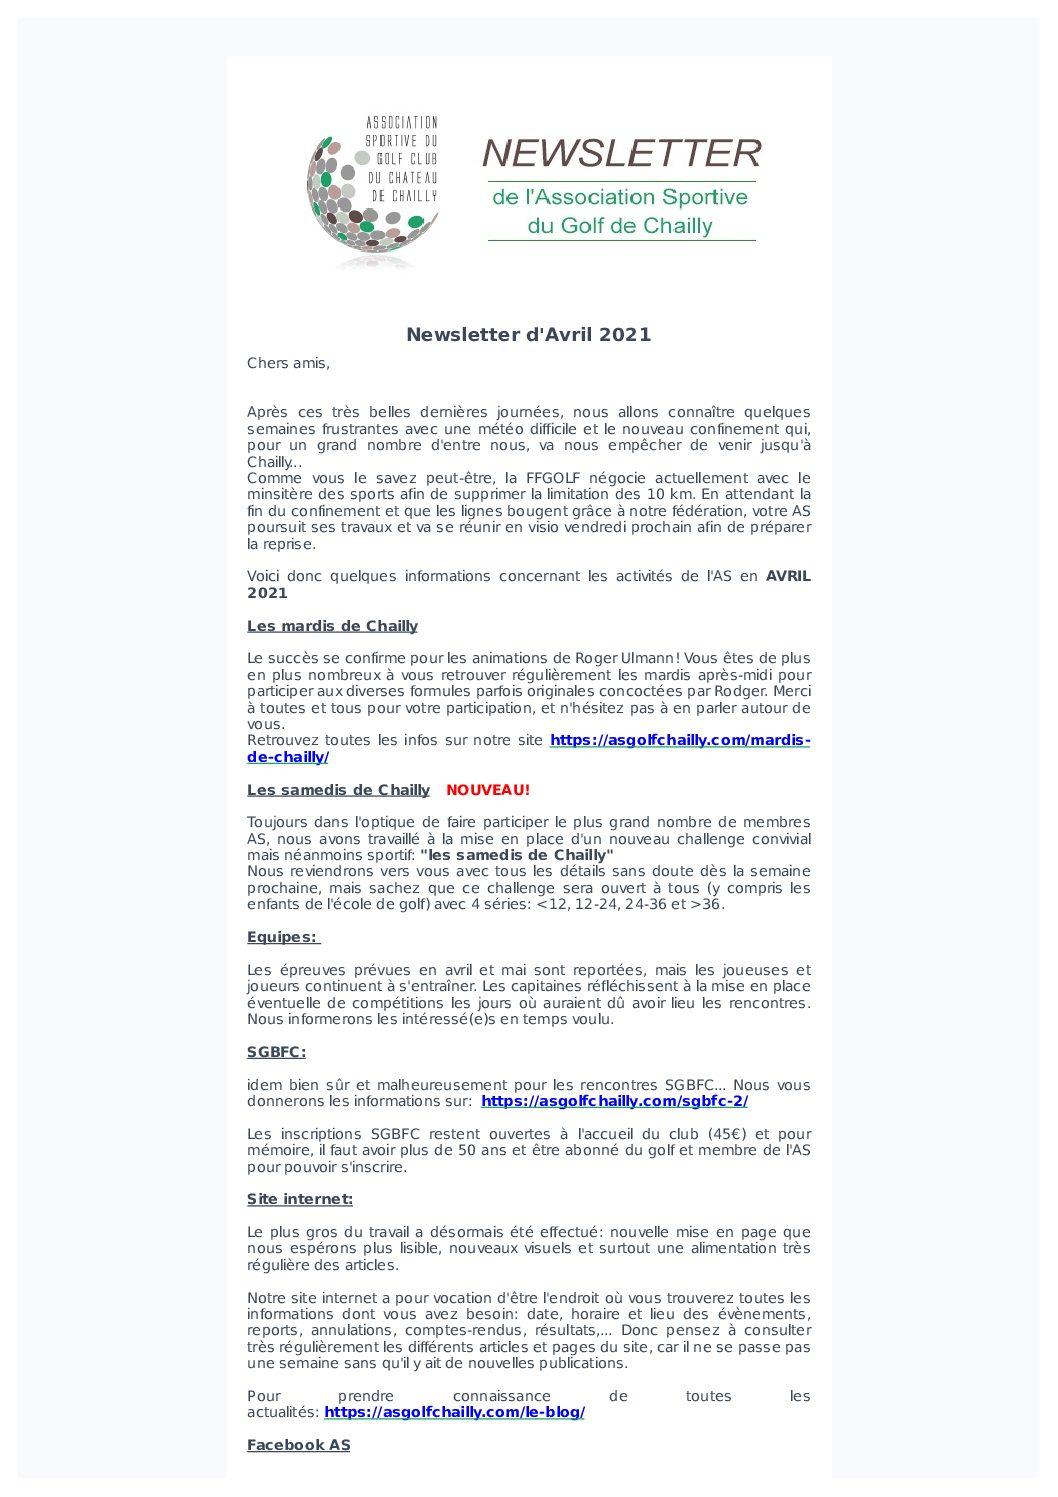 Newsletter du mois d'Avril 2021